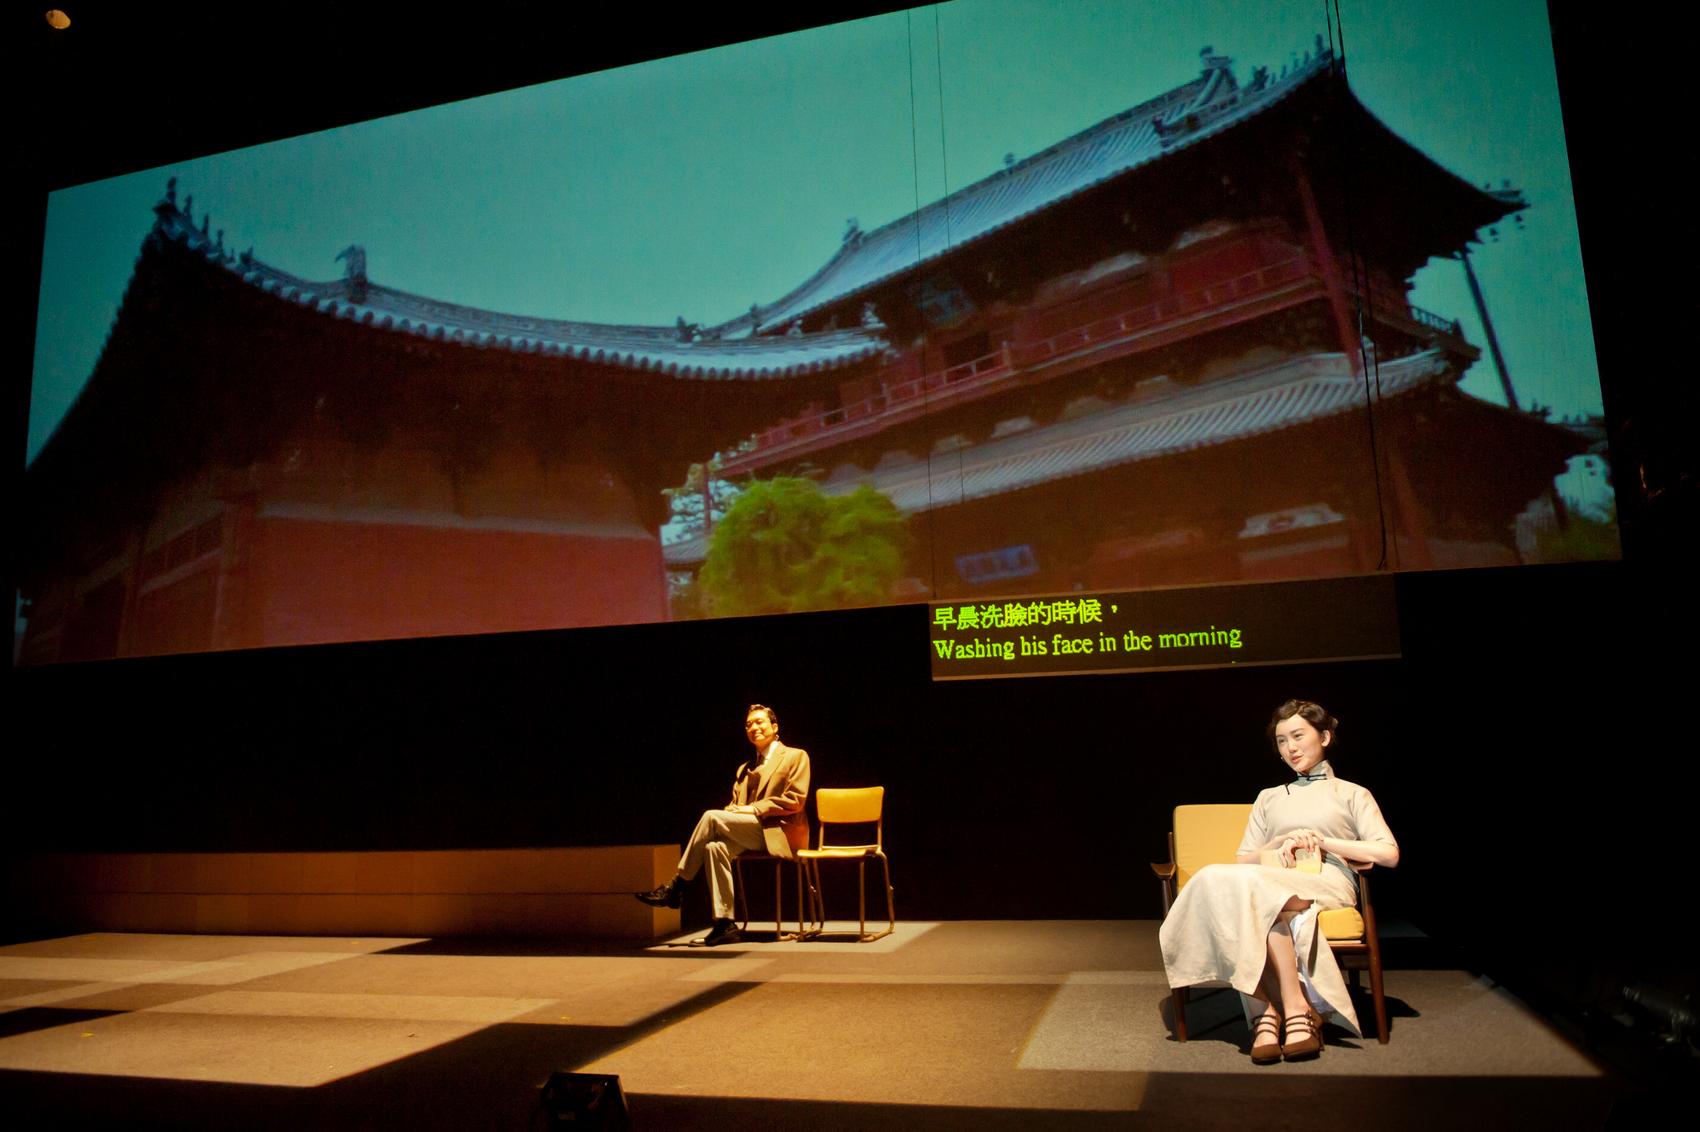 La storia della Cina in scena, attraverso l'architettura